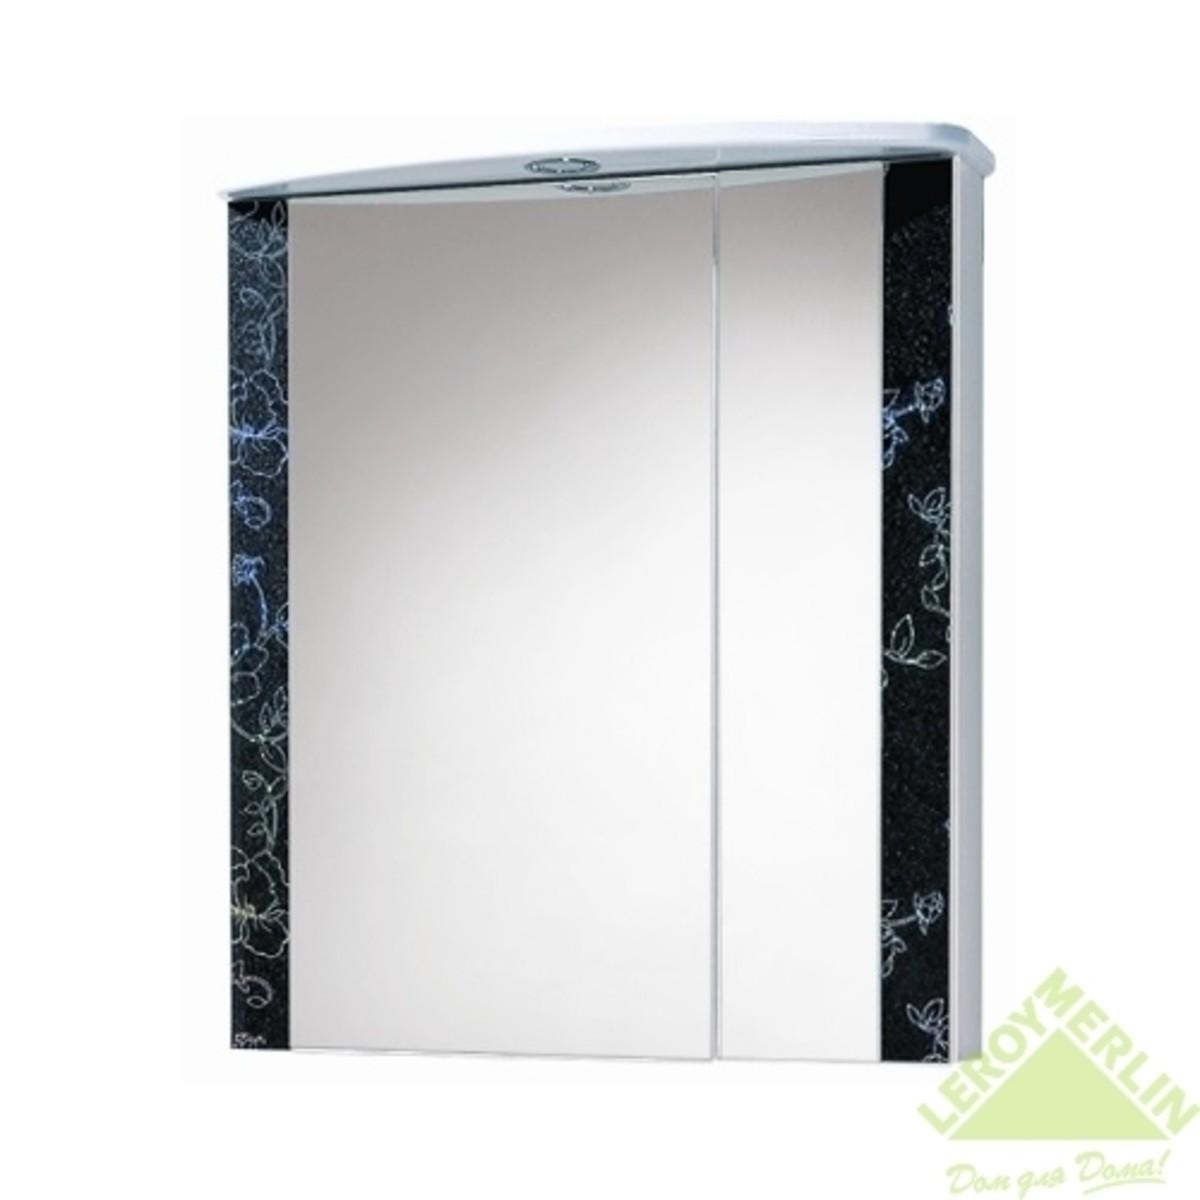 Шкаф зеркальный Акваль Токио 60 см ДСП/МДФ цвет белый/венге